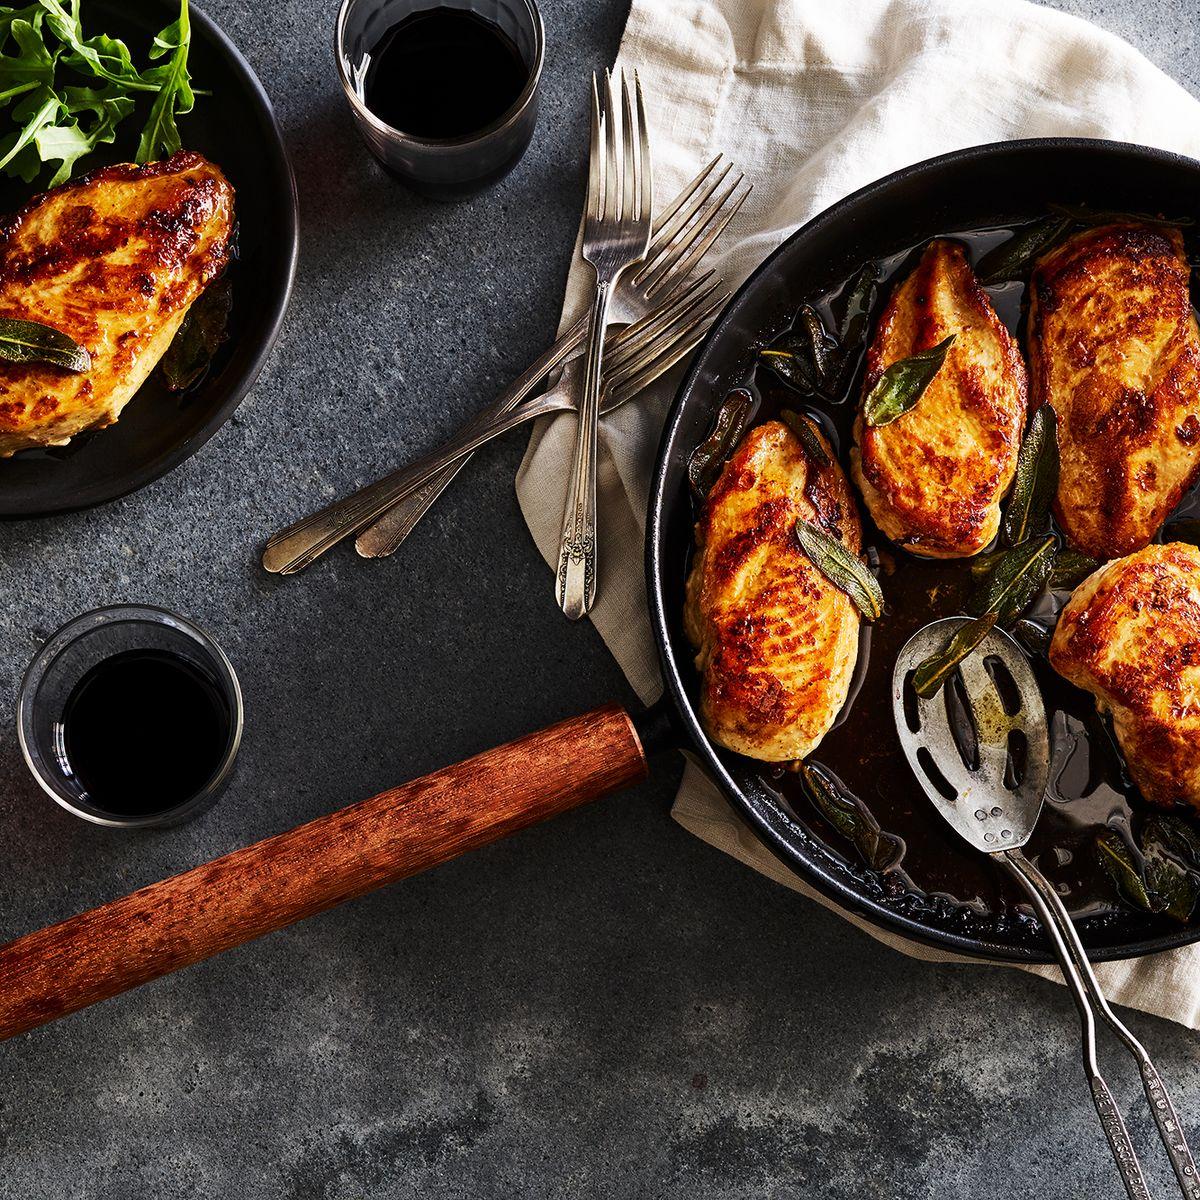 Poulet croustillant - une idée de recette super facile